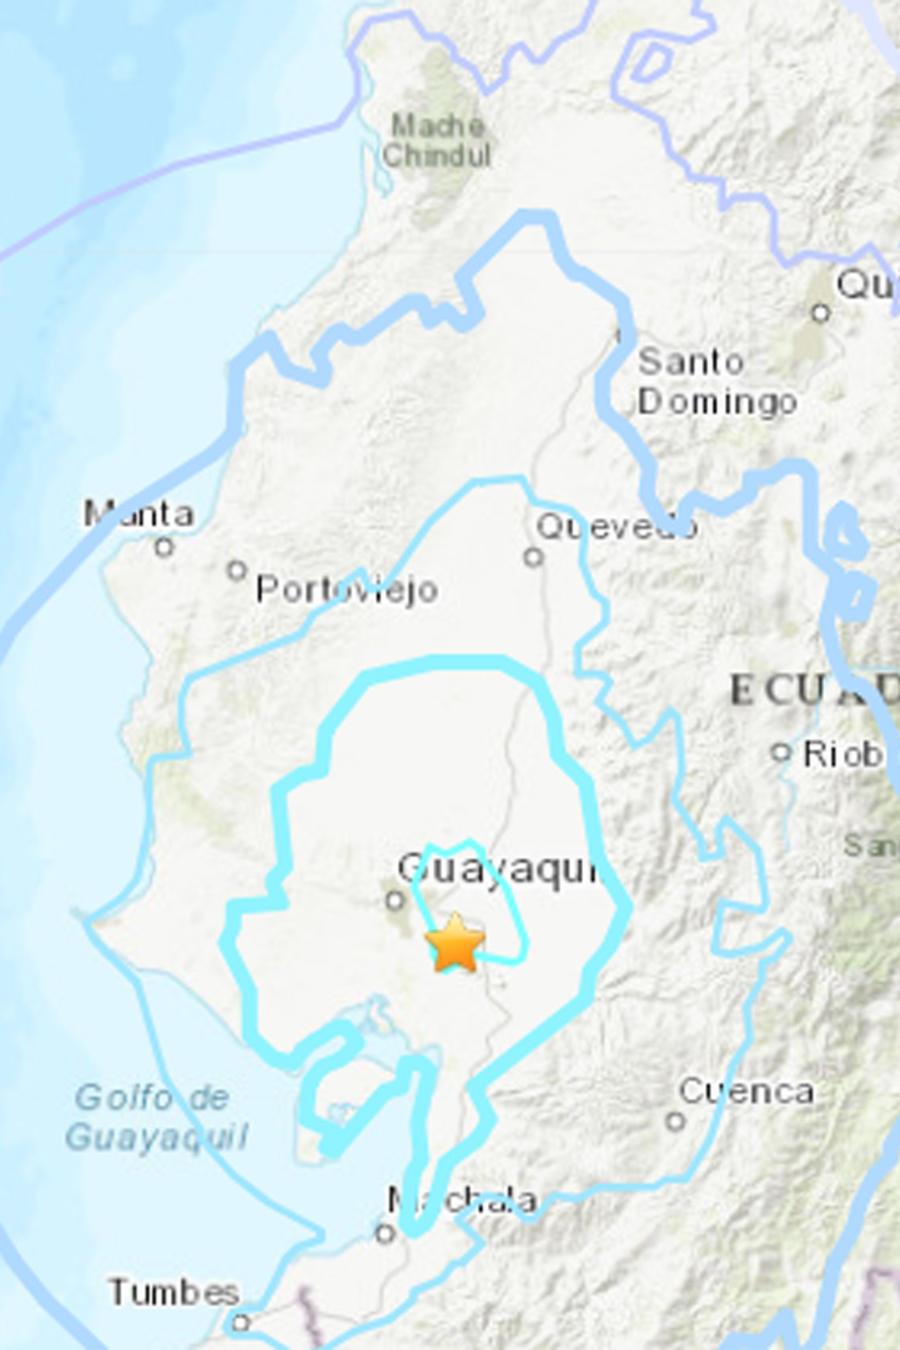 Mapa de localización de los sismos en Ecuador